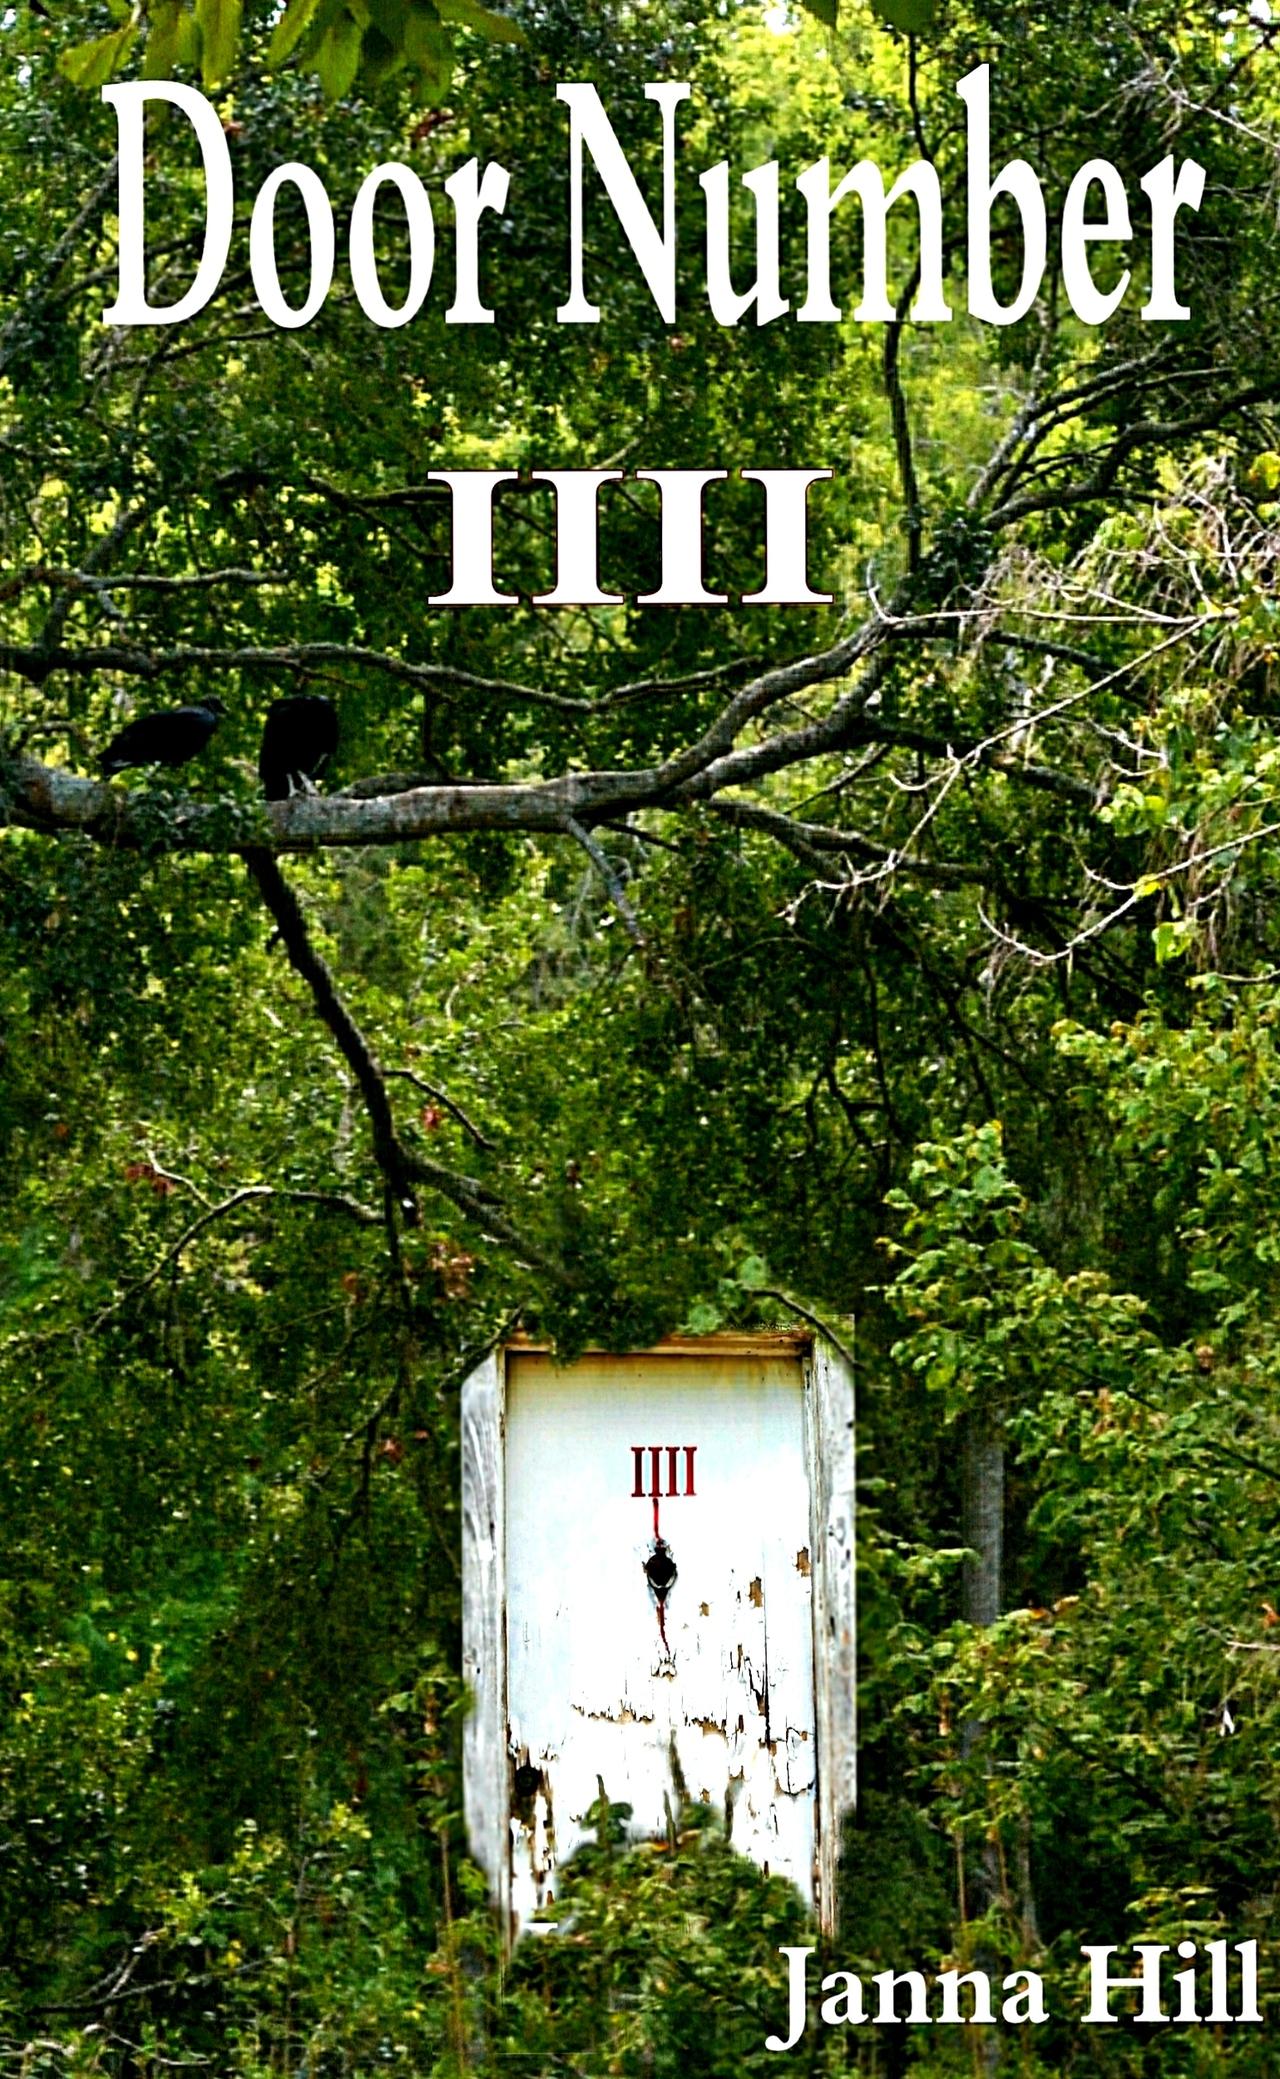 Door number iiii   copy   copy